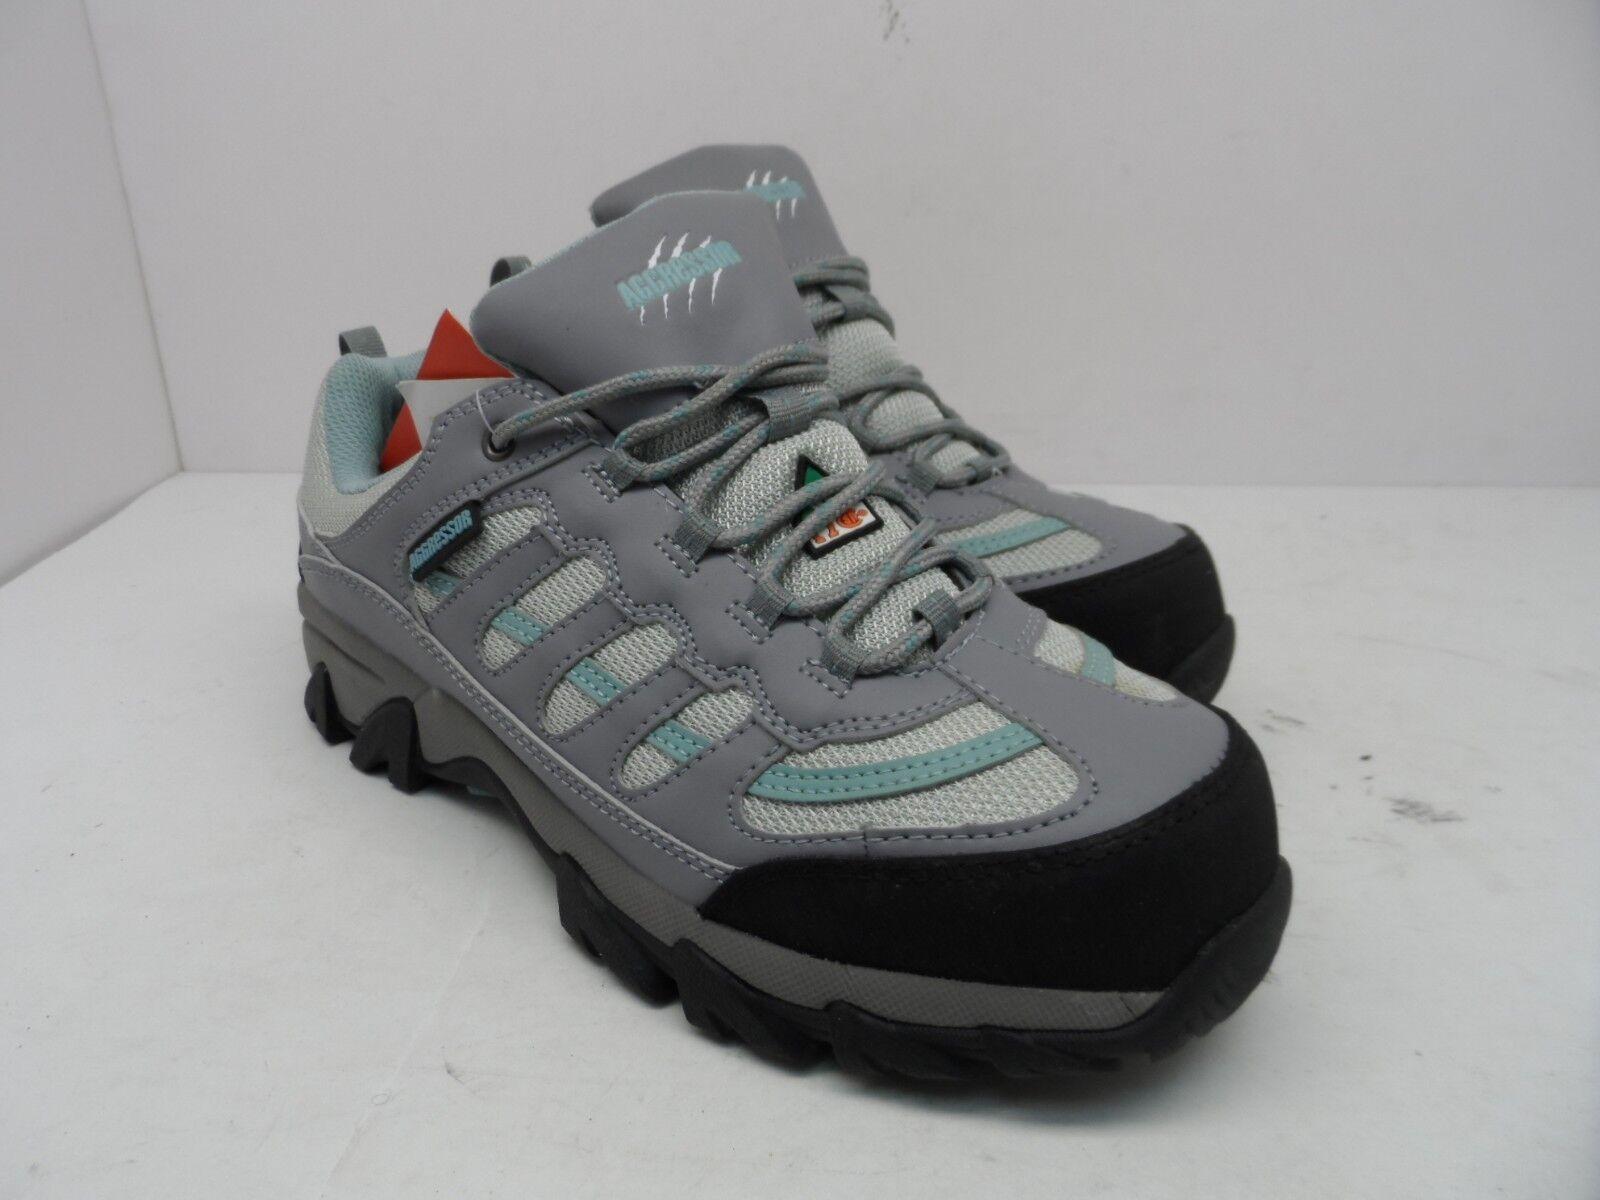 Aggressor Women's Steel Toe Steel Plate Approach Hiking shoes Grey bluee Size 9M